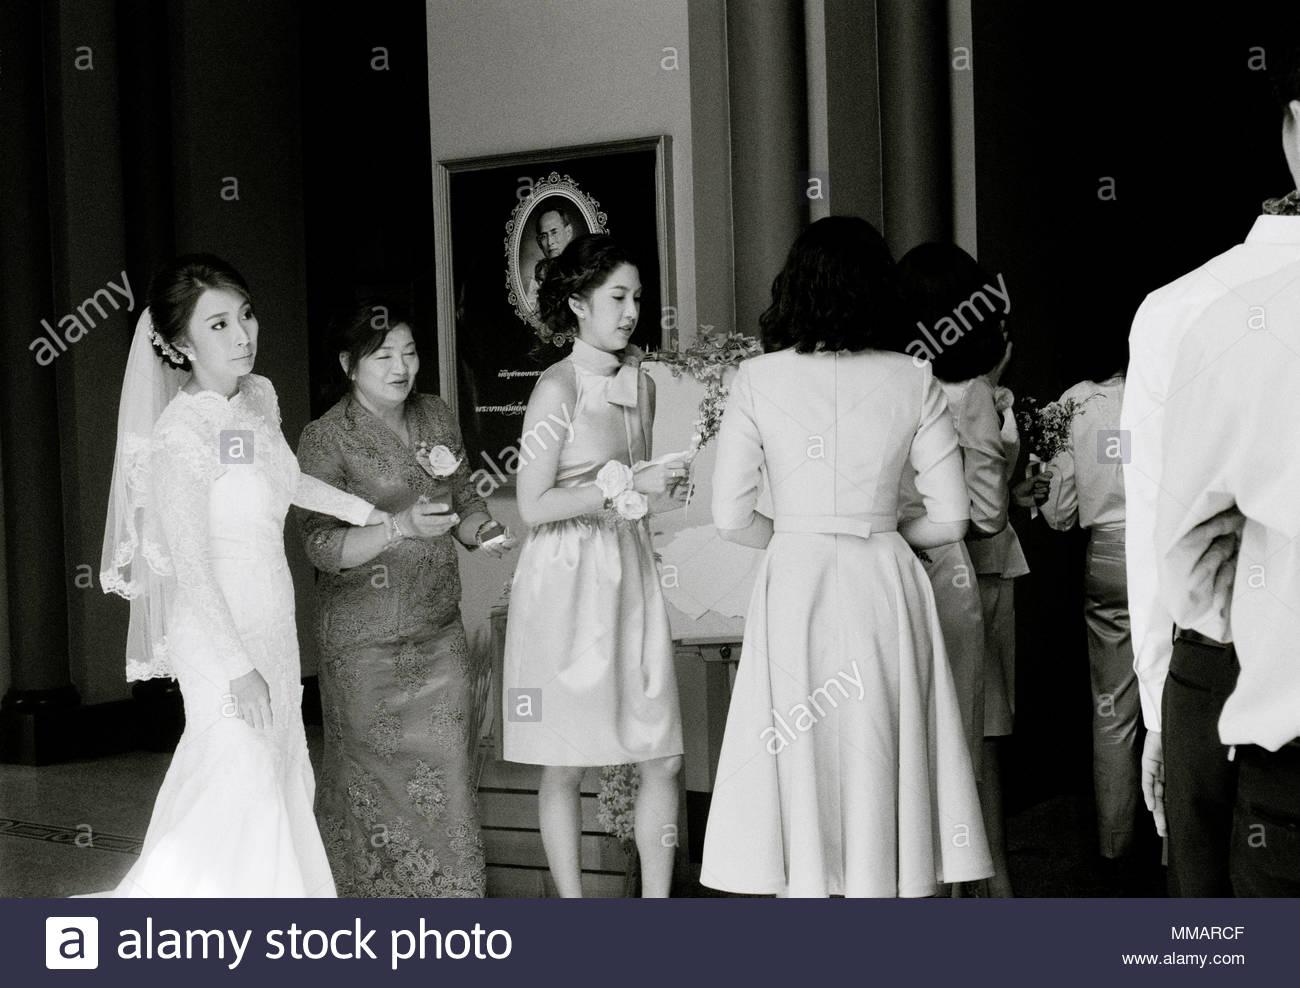 Matrimonio Simbolico In Thailandia : Thai wedding culture immagini & thai wedding culture fotos stock alamy